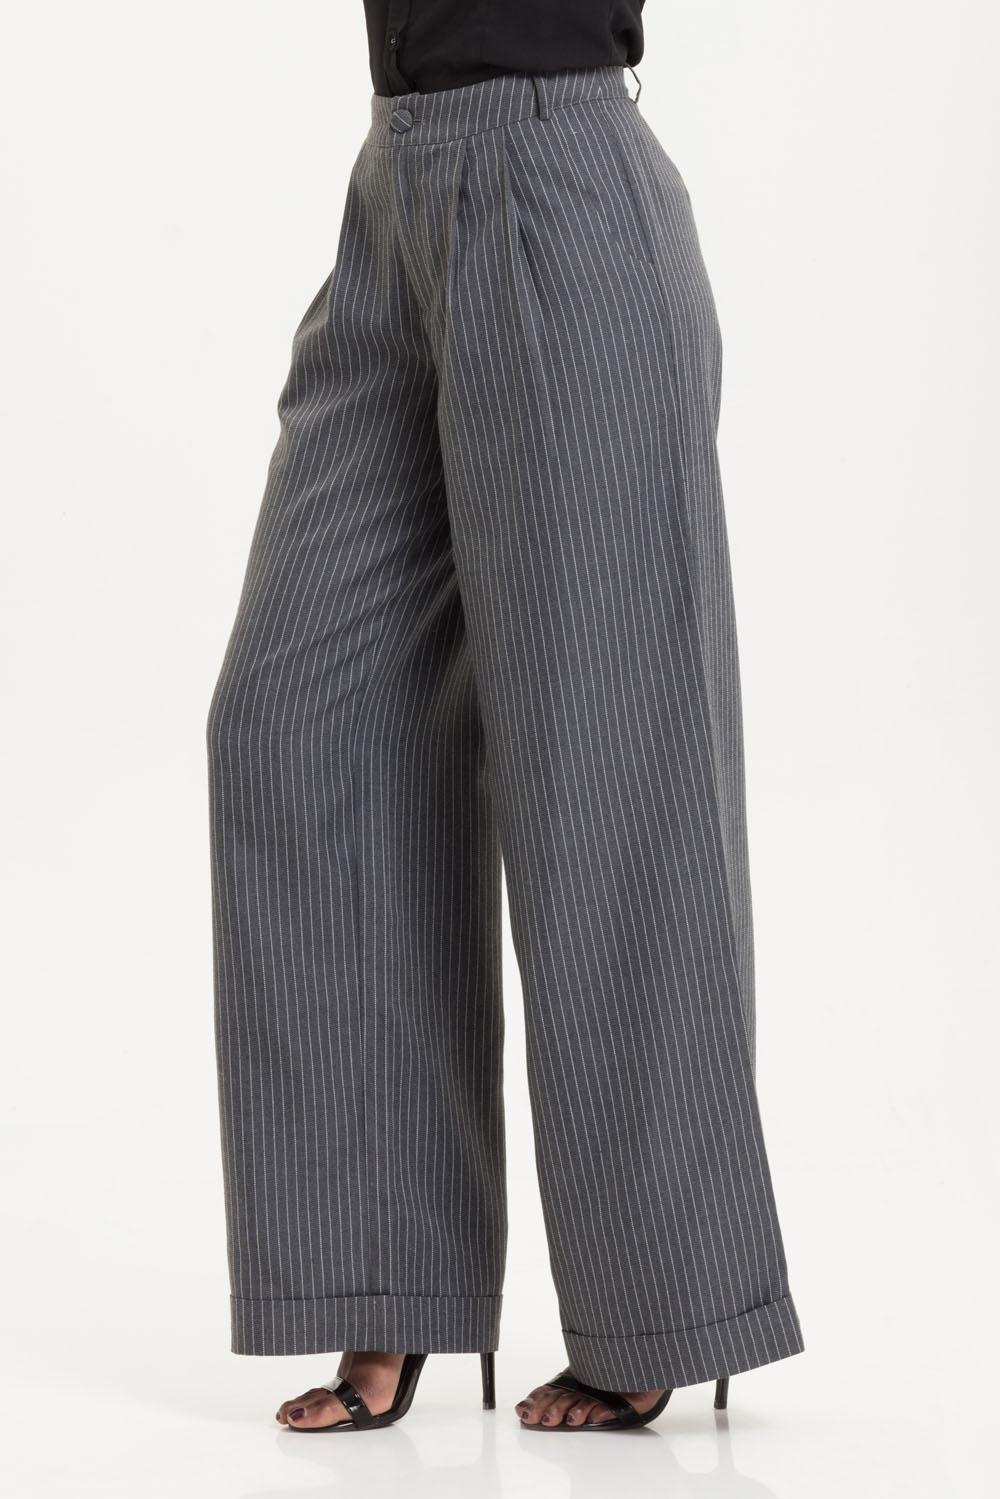 Pippa Pin Stripe Trousers